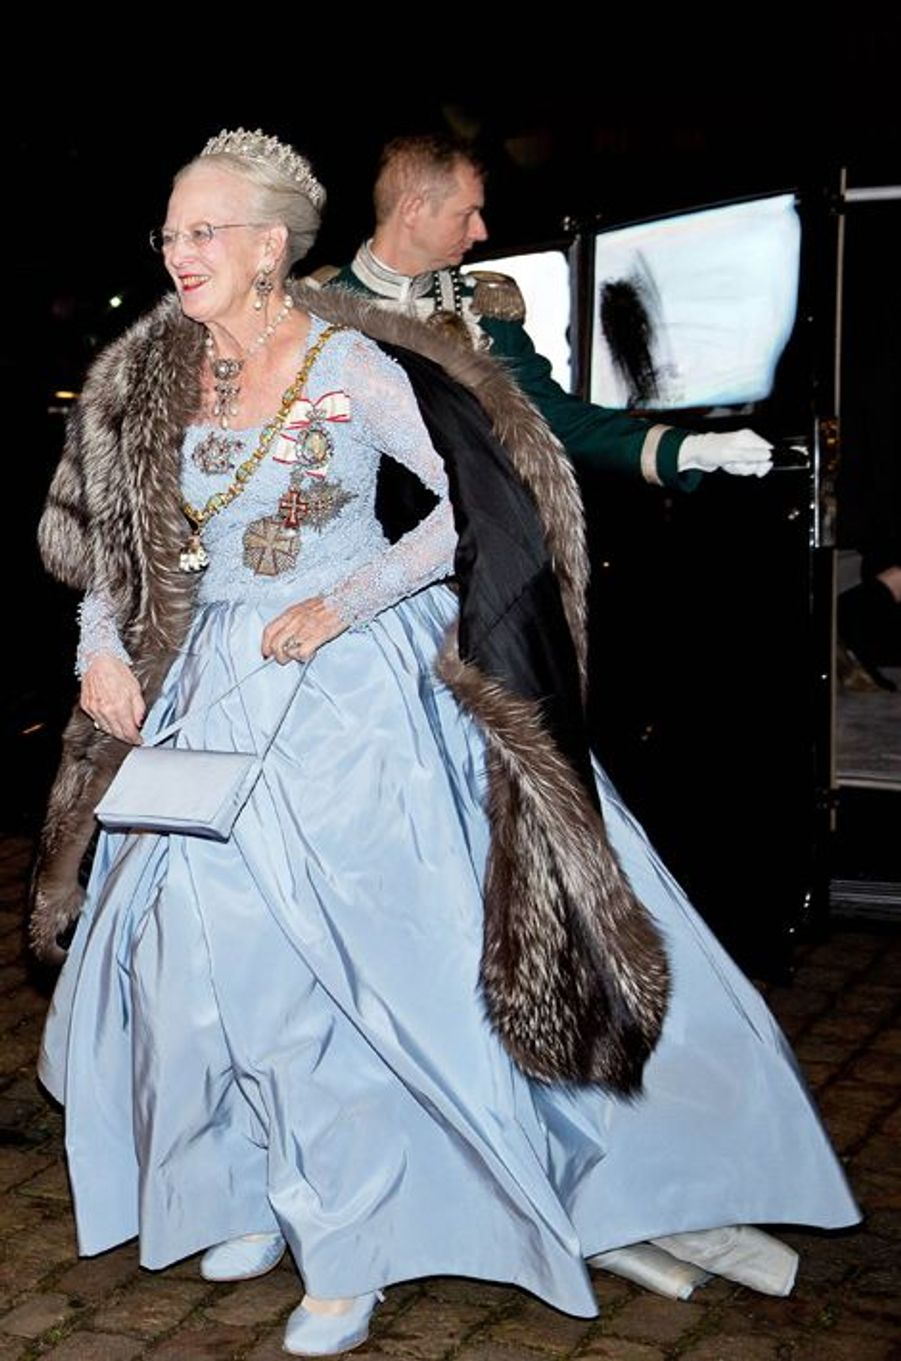 La reine Margrethe II de Danemark au dîner du Nouvel An à Copenhague, le 1er janvier 2016